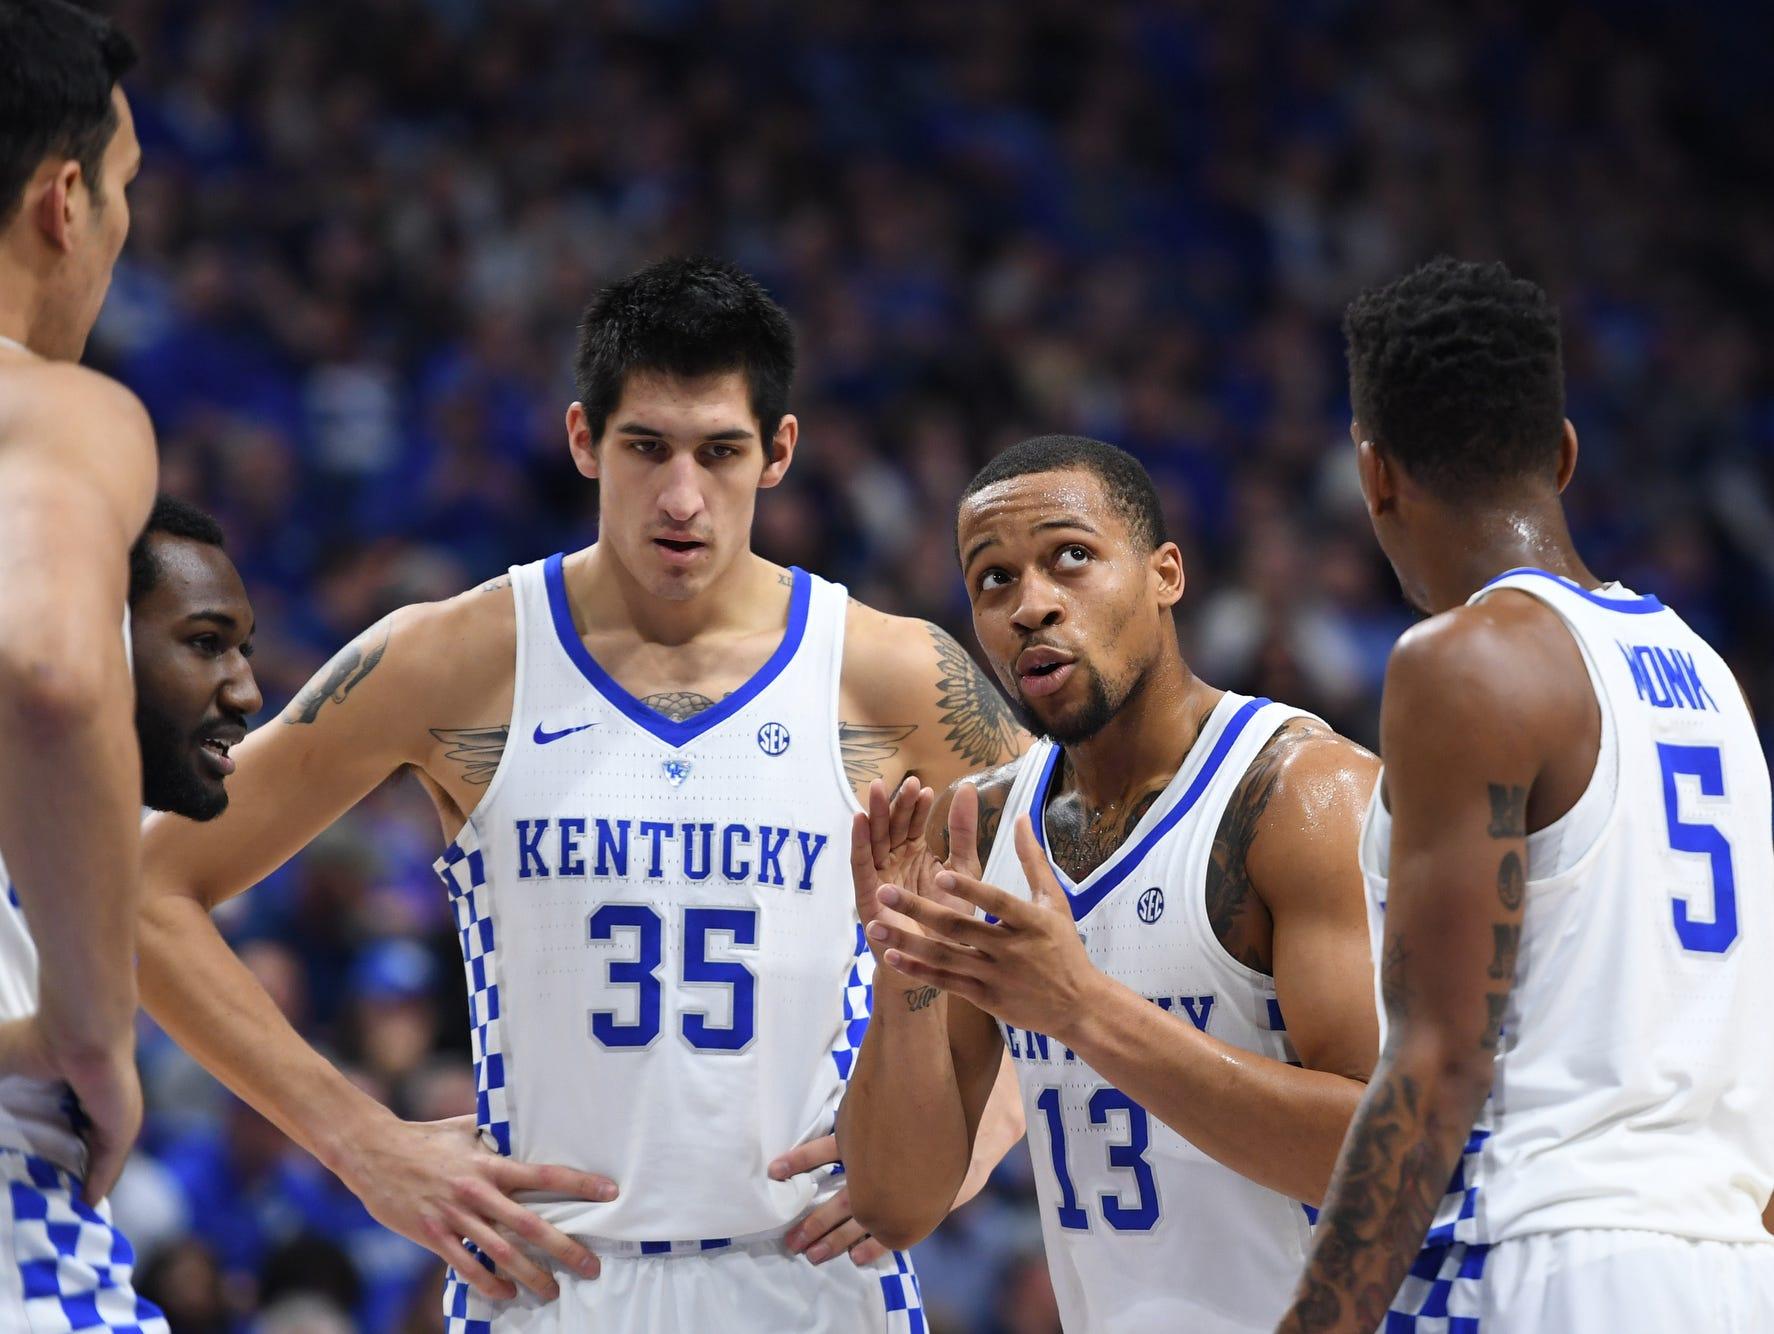 Cowgill 6 Uk Basketball Visits Vanderbilt Tuesday: No.12 Florida At No. 10 Kentucky